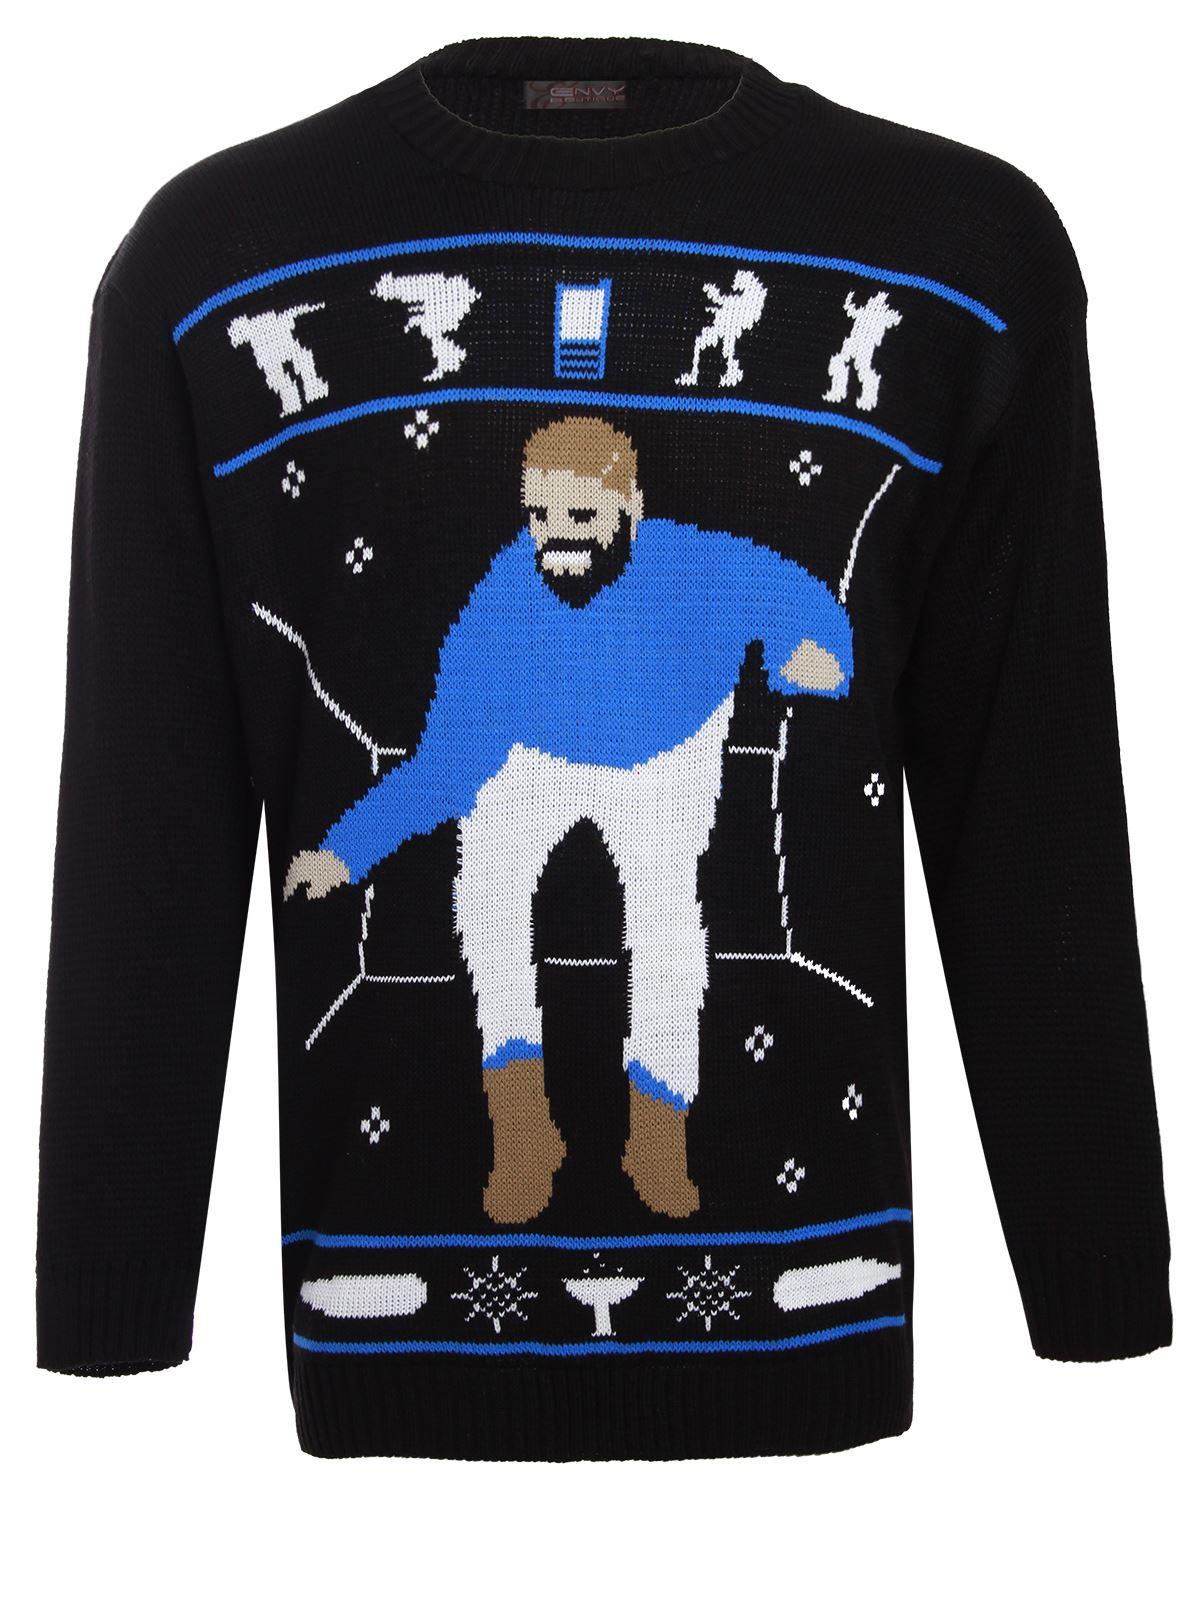 hotline bling drake mens womens unisex christmas jumper gift sweater